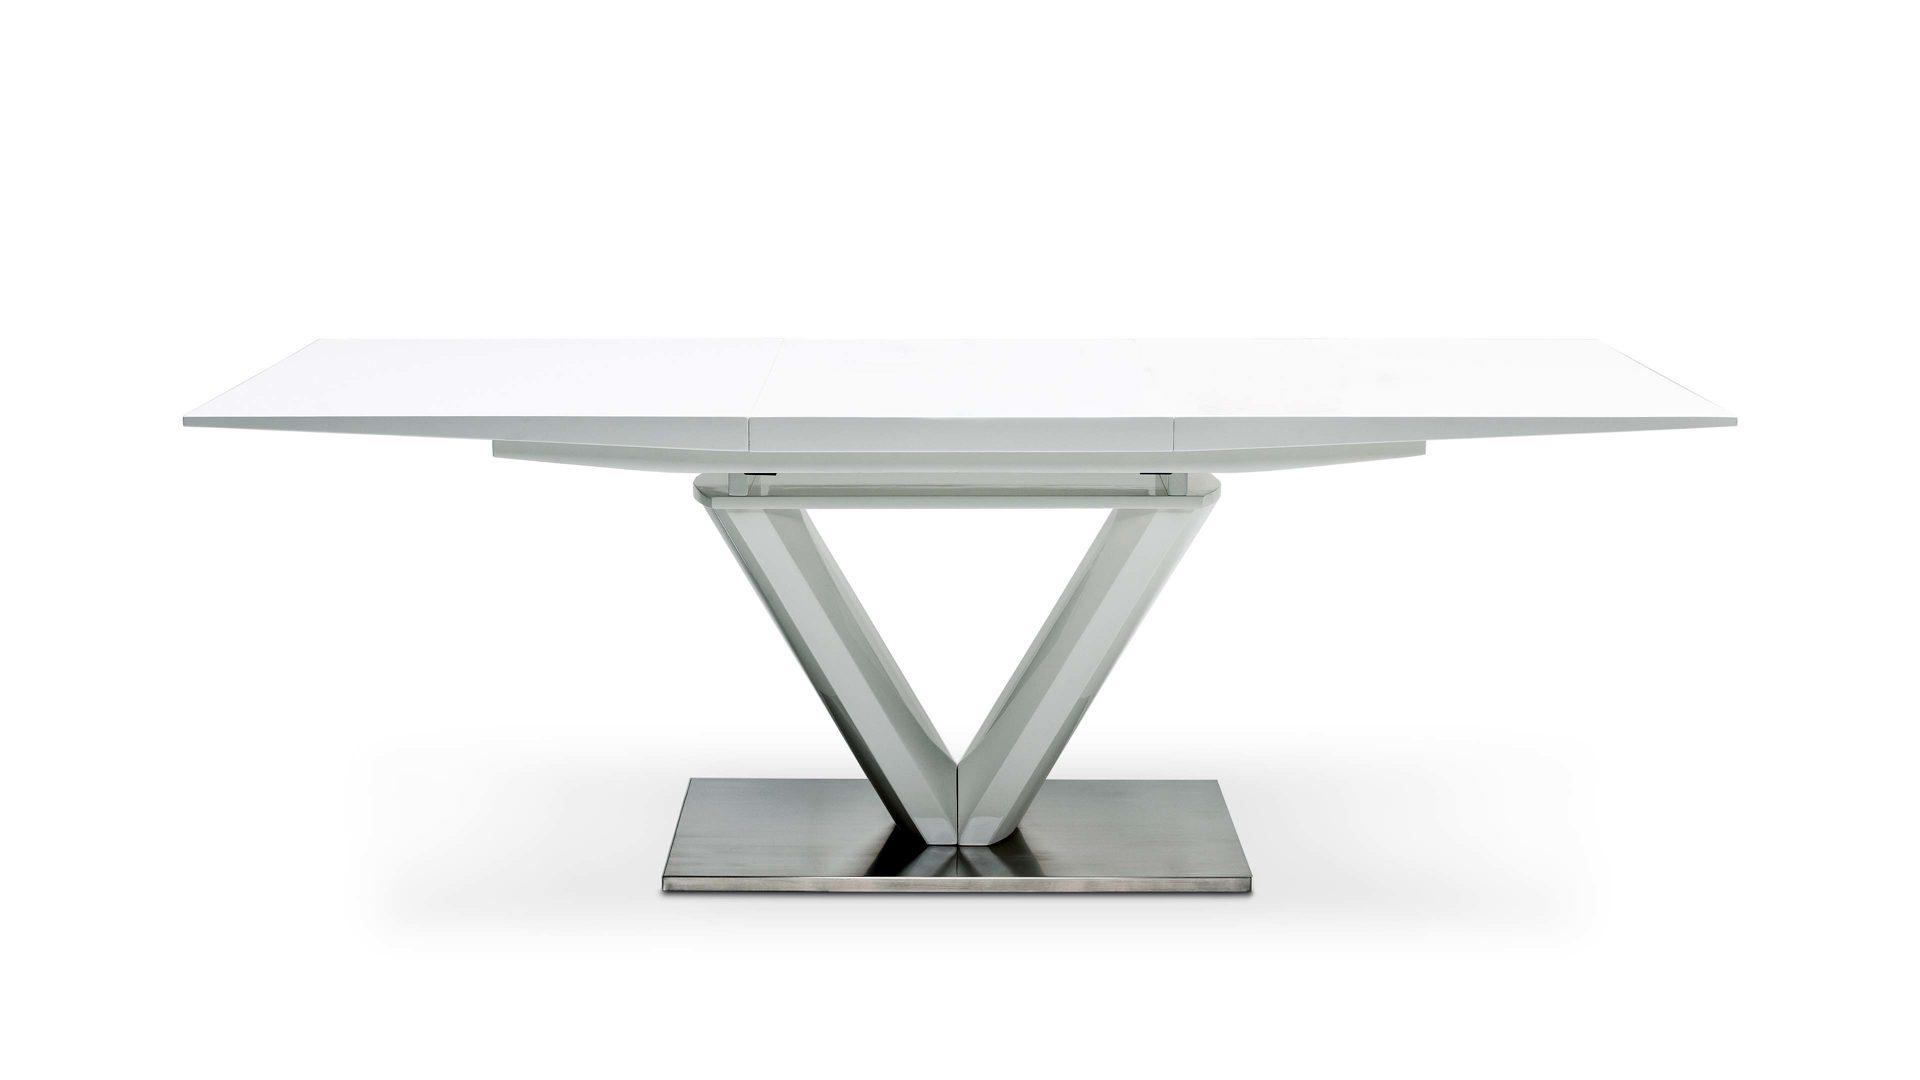 Esstisch ausziehbar holz metall  ausziehbarer Esstisch für schönes Wohnen, Hochglanz weiß & Edelstahl  gebürstet - ca. 160-220 x 77 x 90 cm